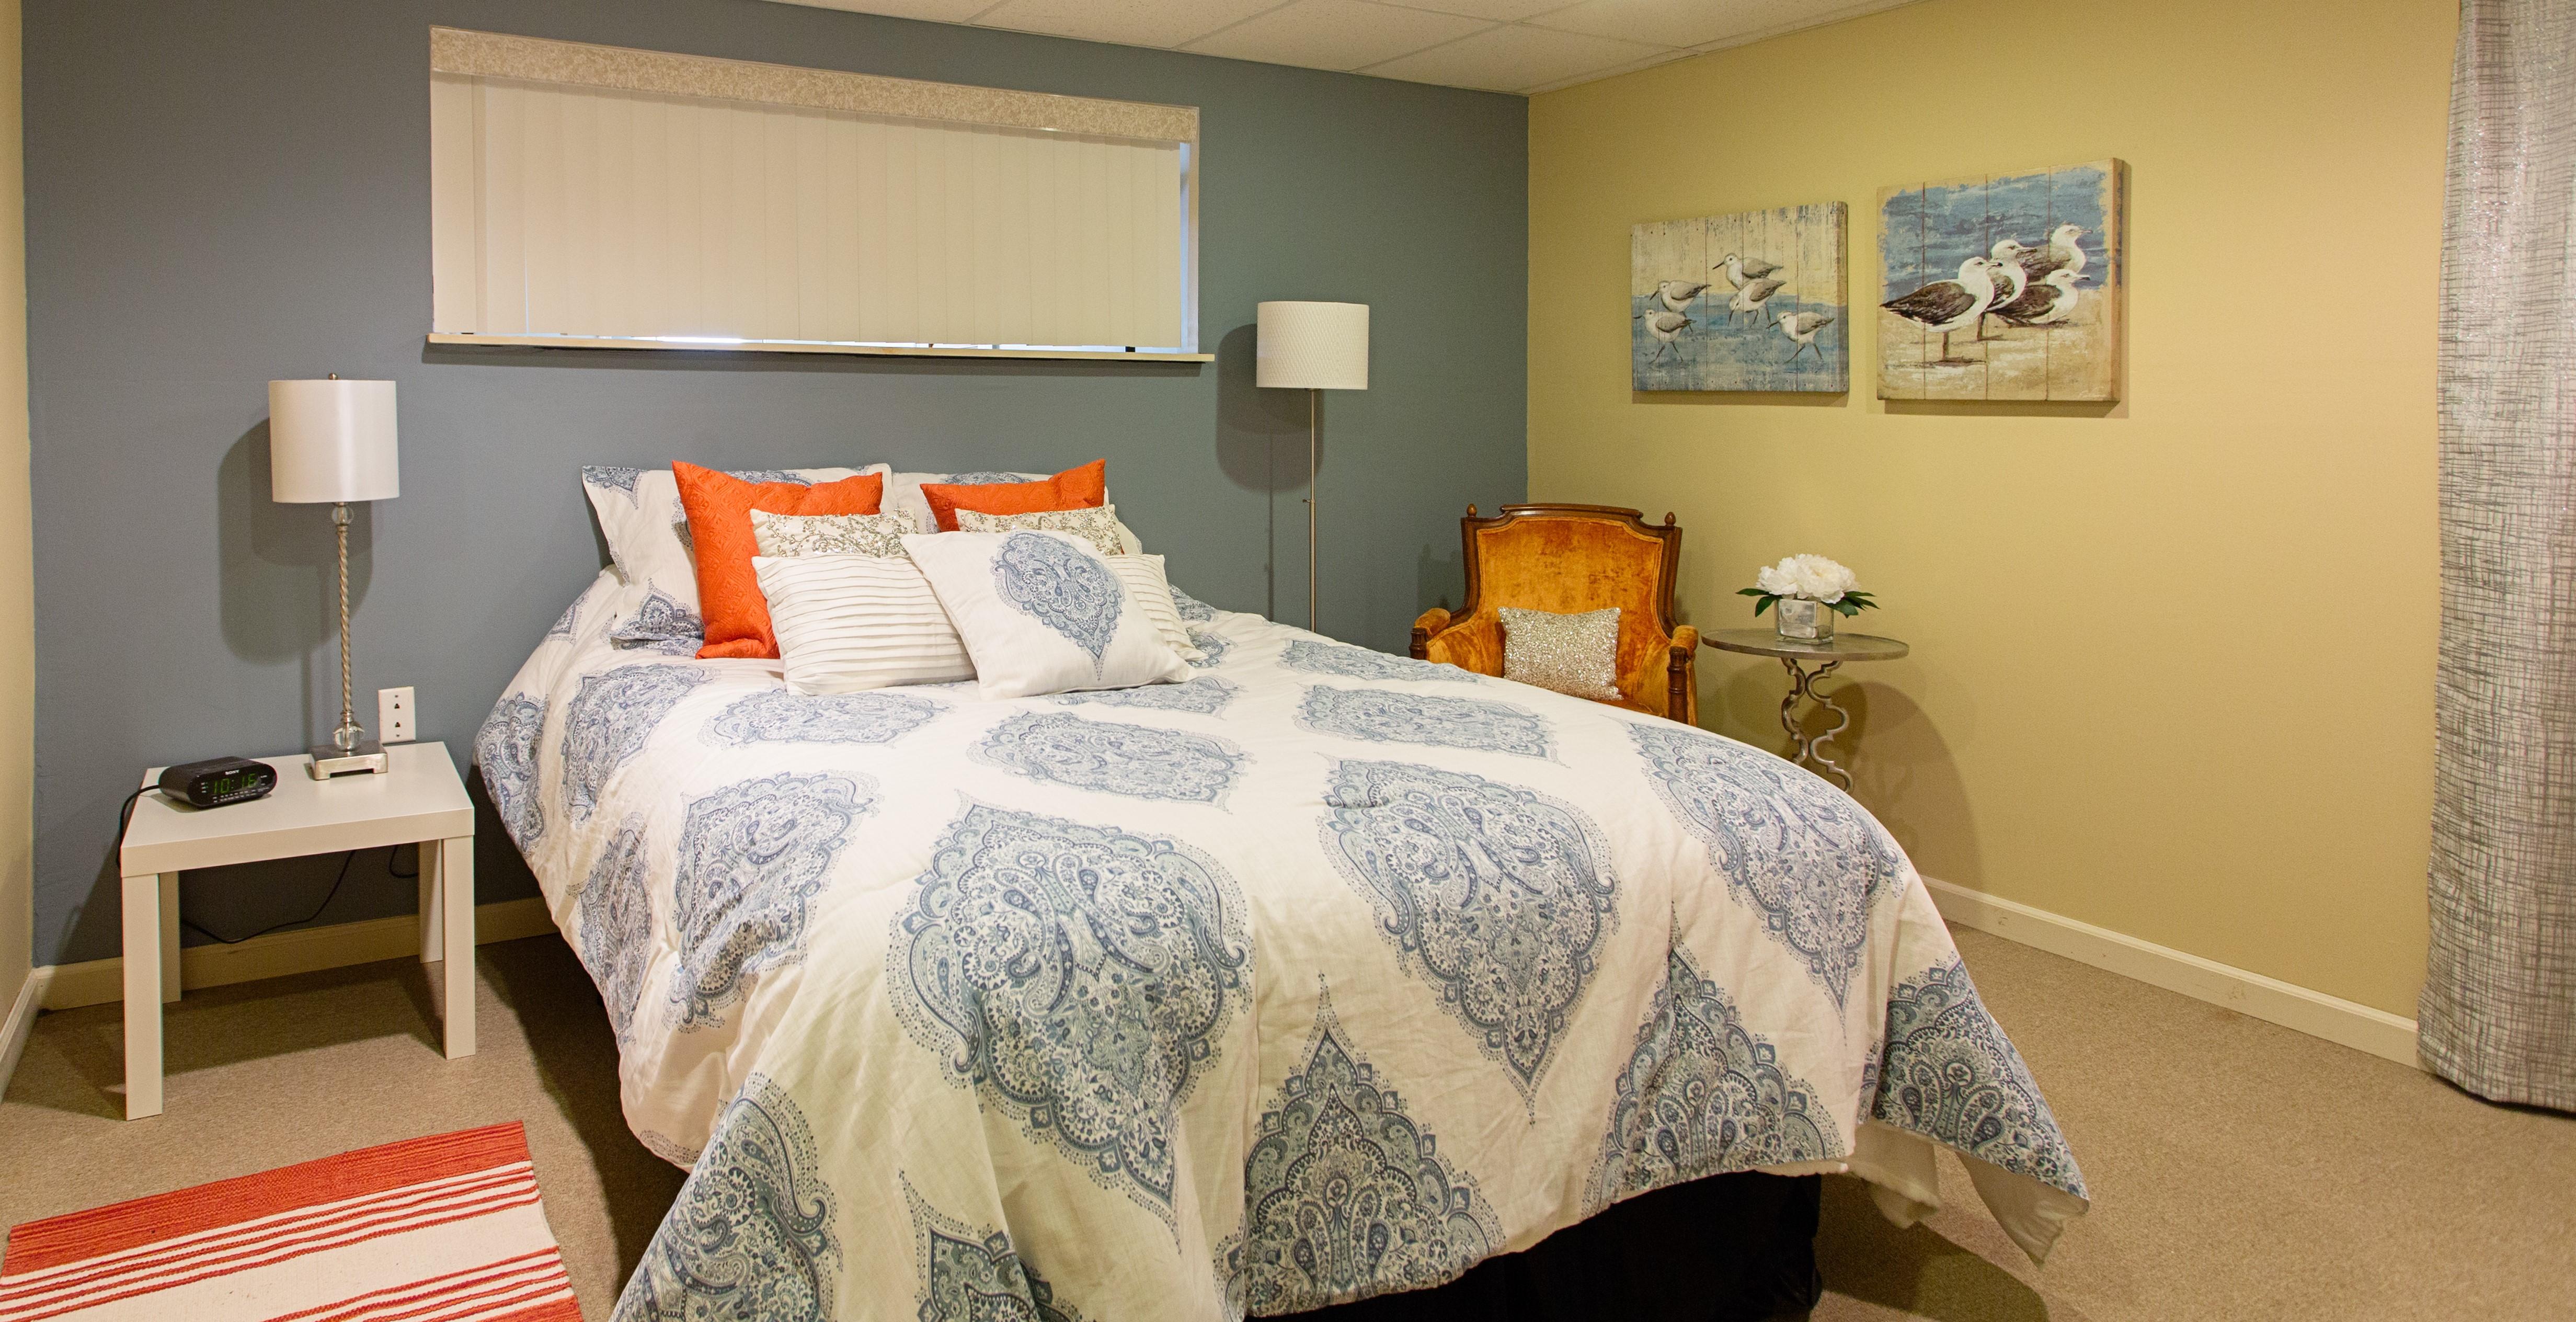 ASR, Glastonbury, Basement Update, Renovation, Guest Bedroom